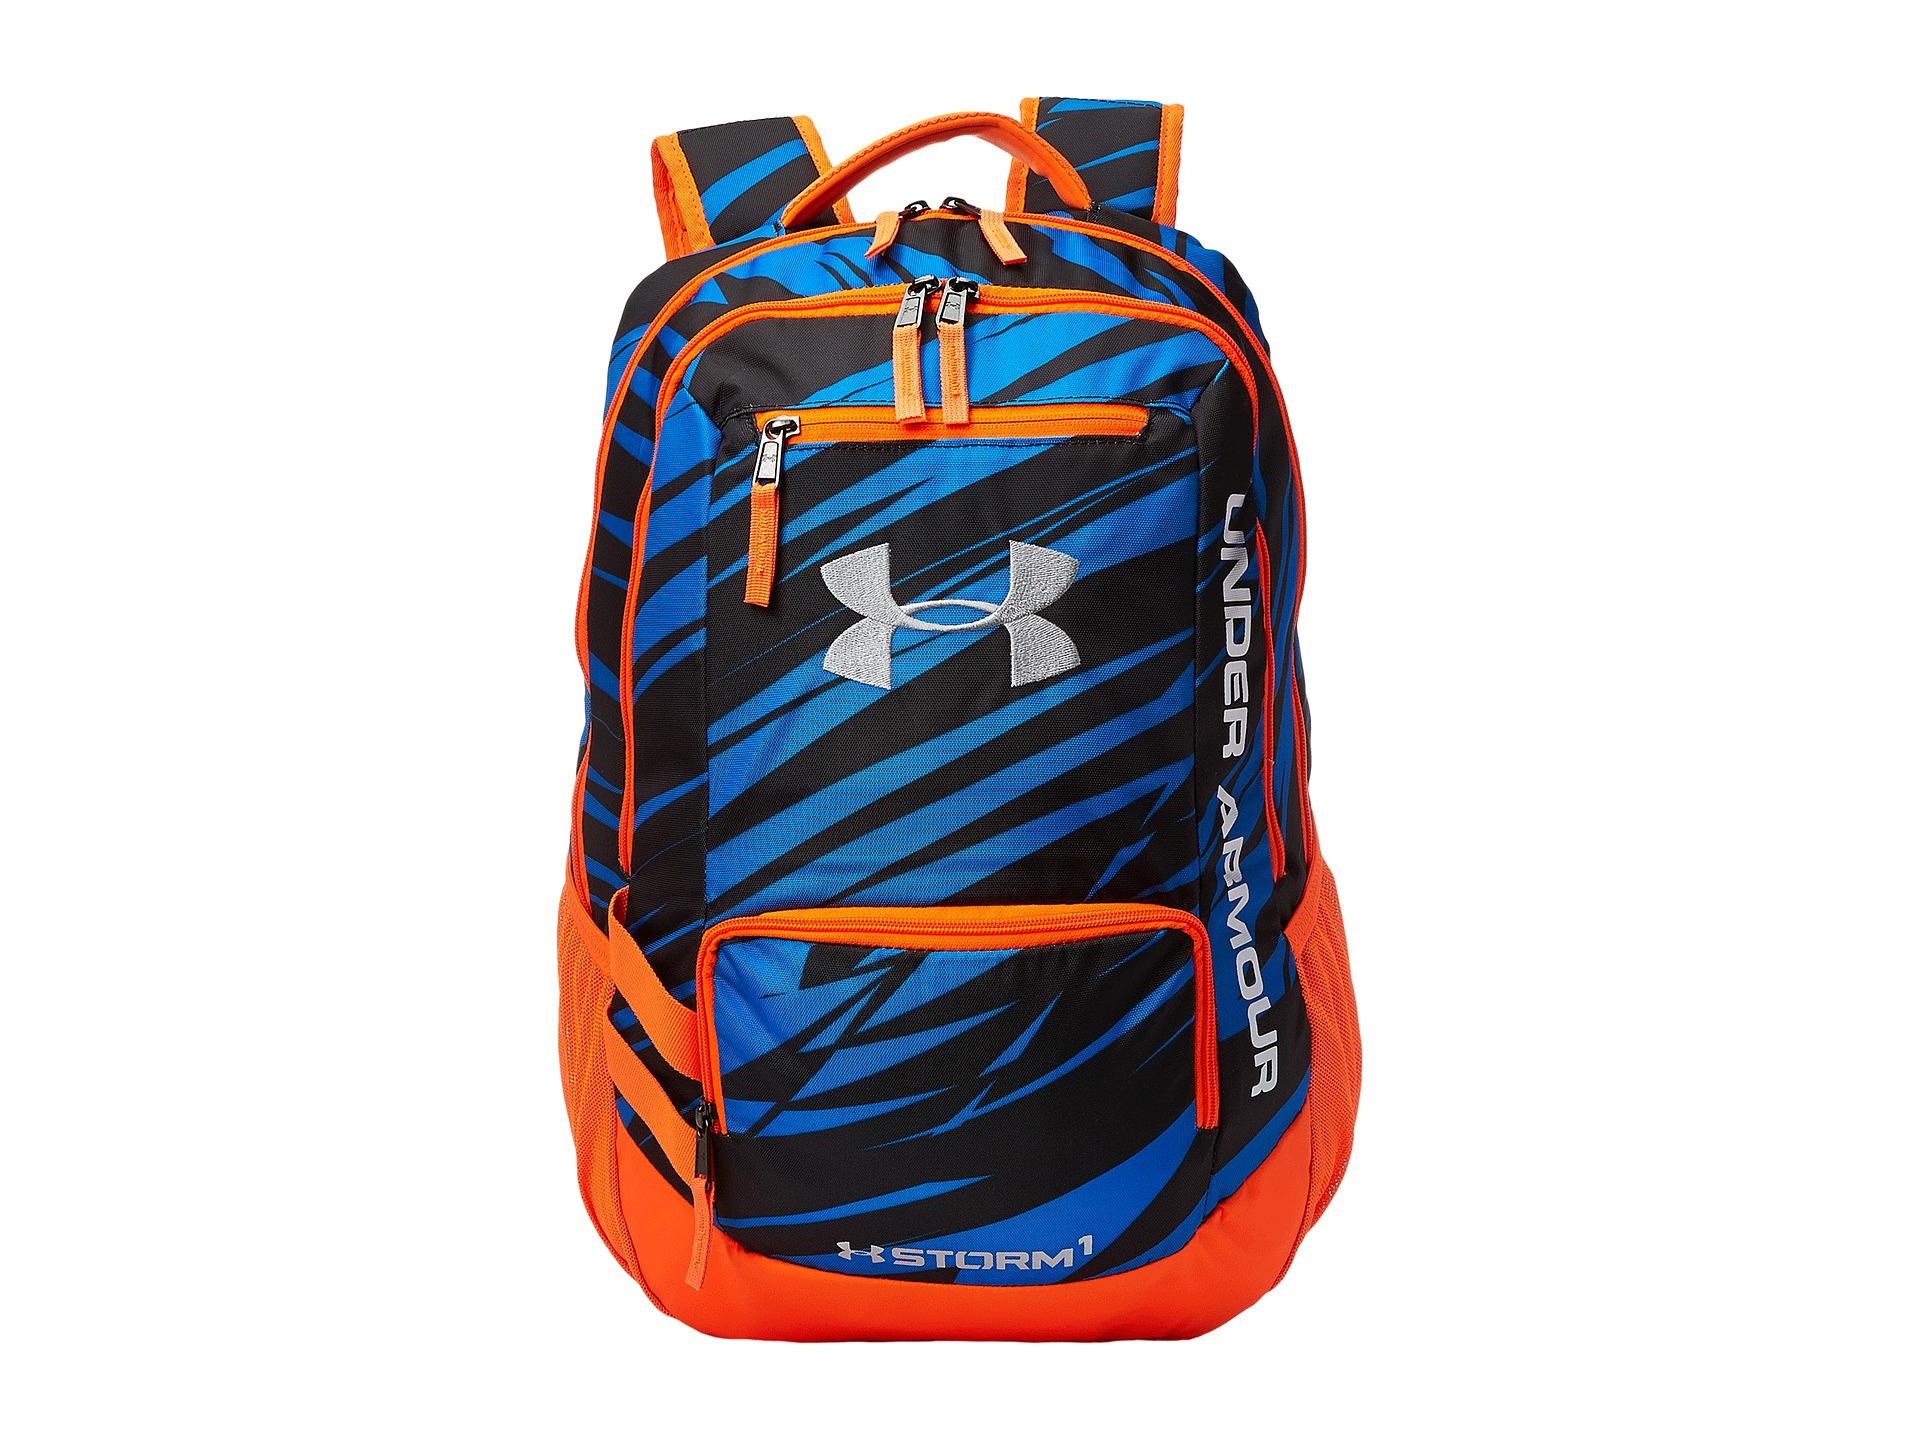 Lyst - Under Armour Ua Hustle Backpack Ii in Orange for Men 5ce8332ef80f9